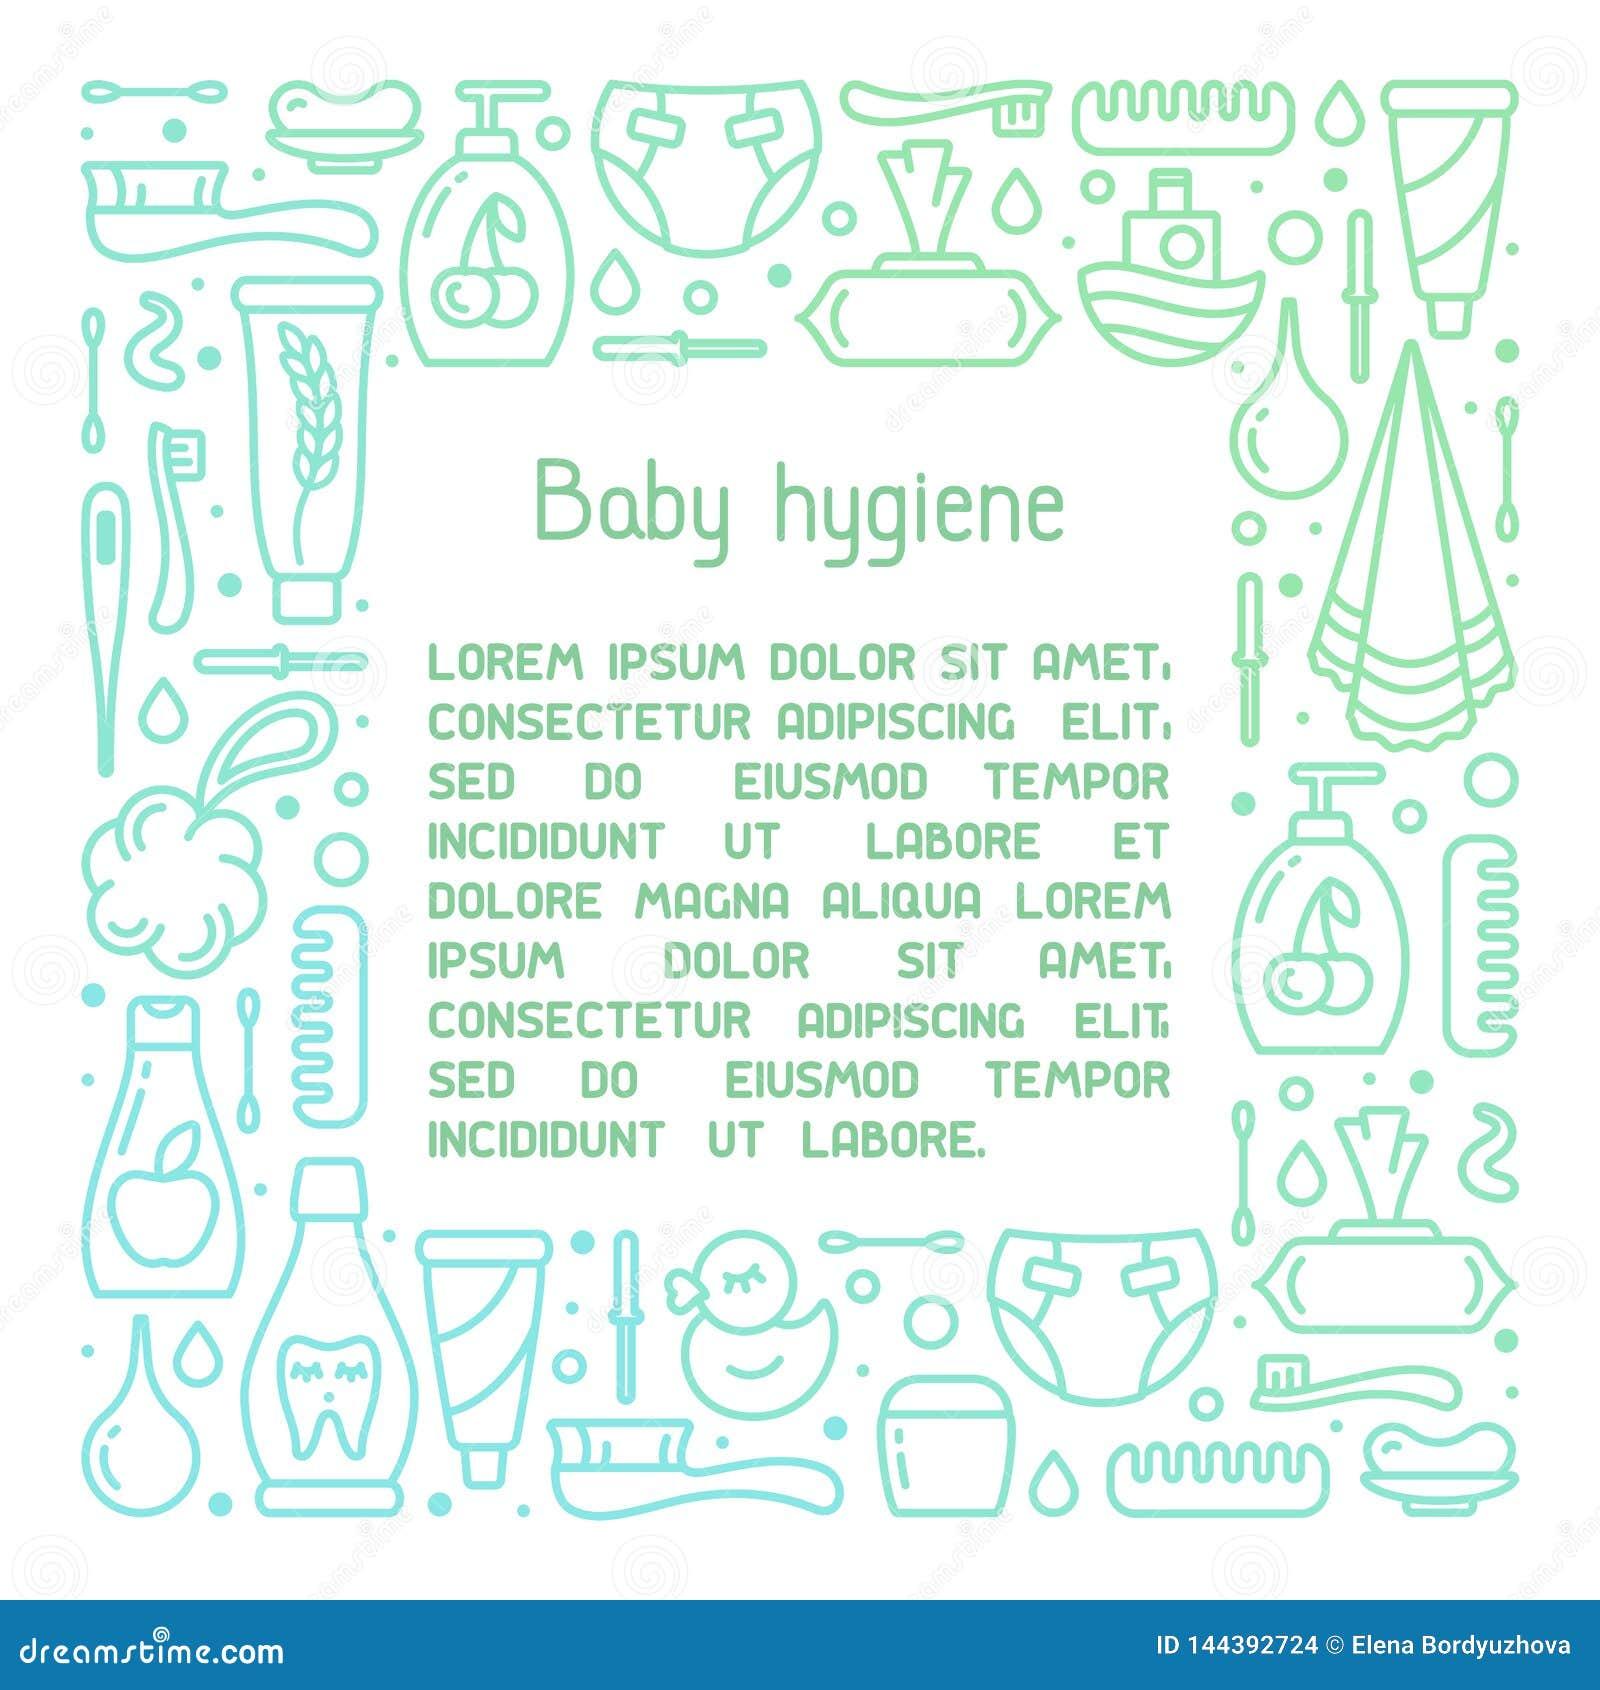 与婴孩卫生学辅助部件和样品文本的方形的框架概念